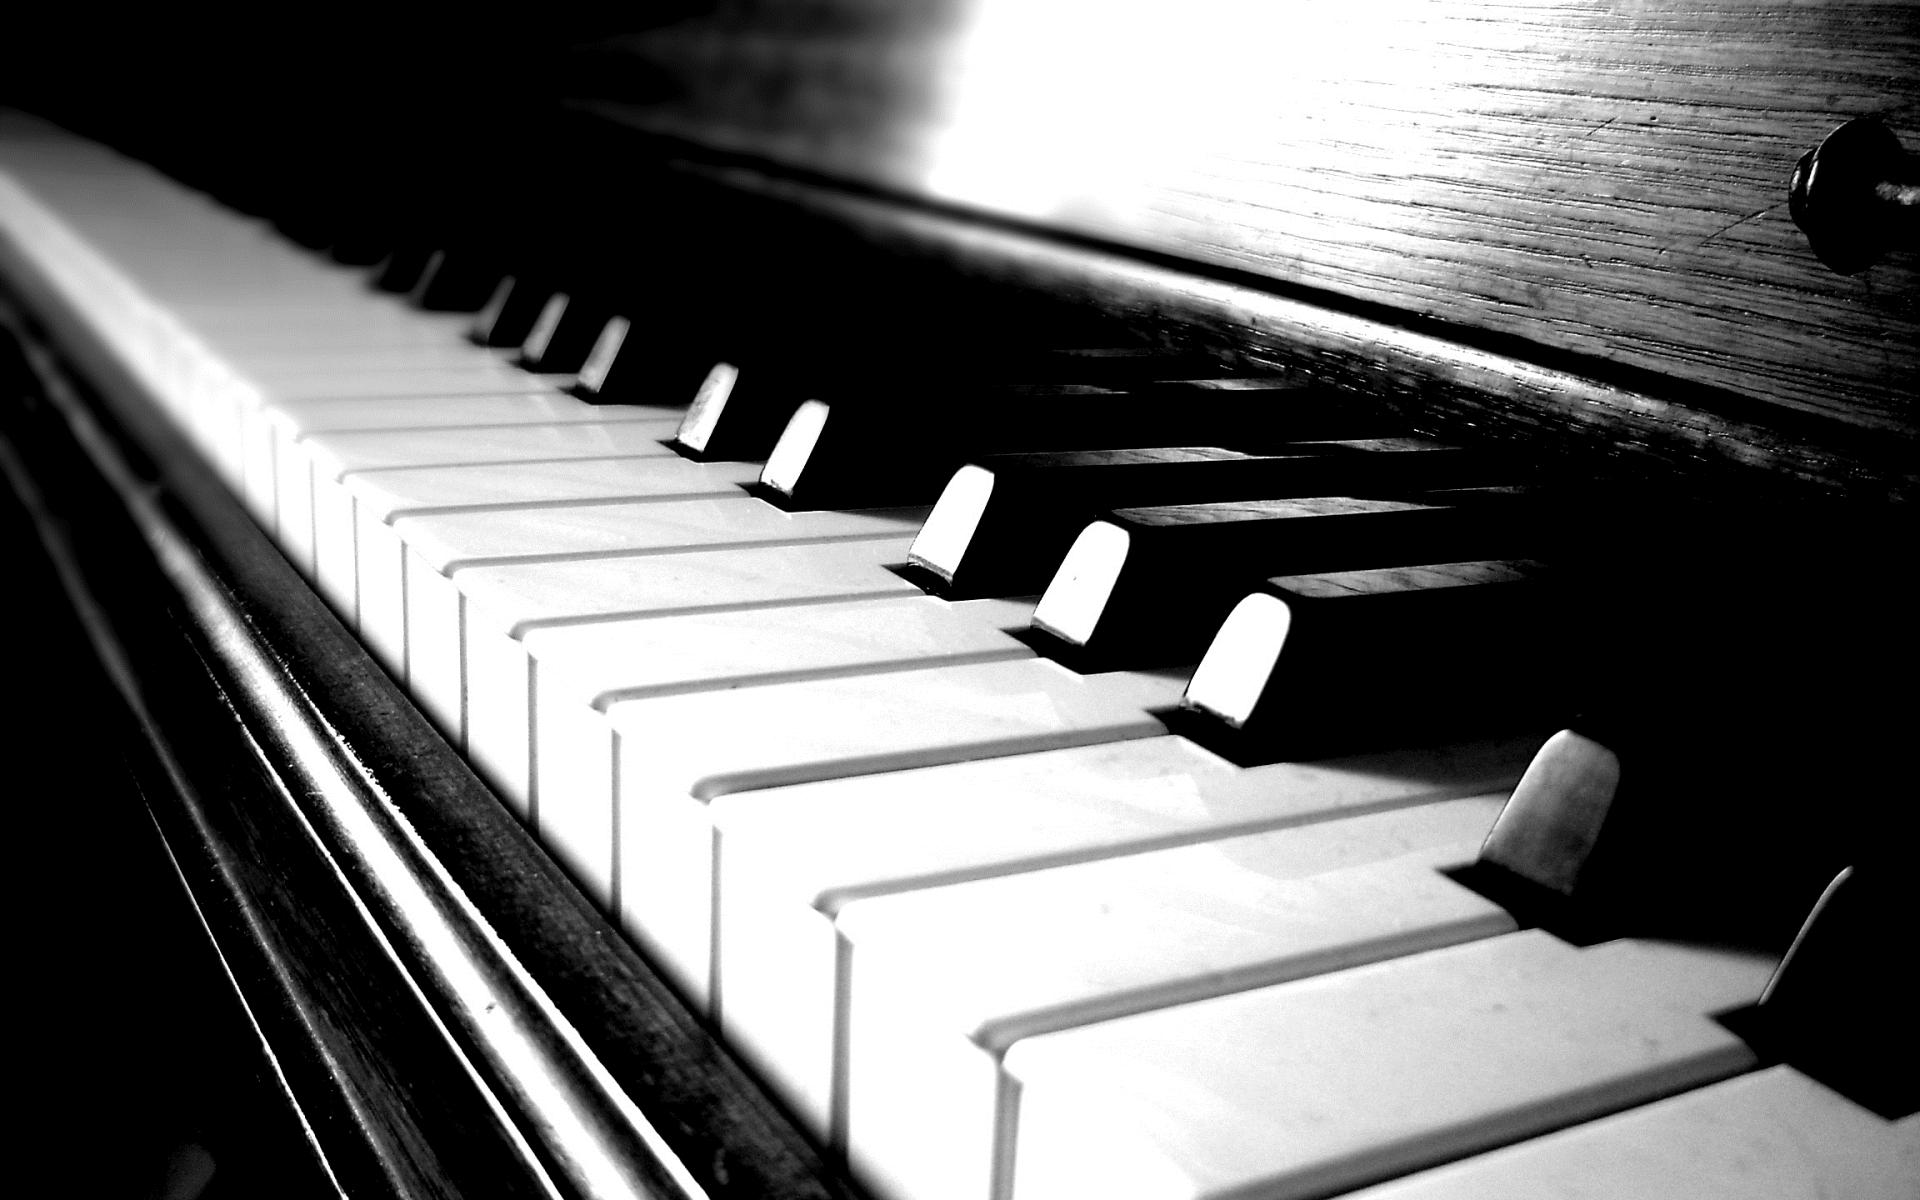 Картинки Фортепиано, клавиши, свет, отражение, дерево фото и обои на рабочий стол